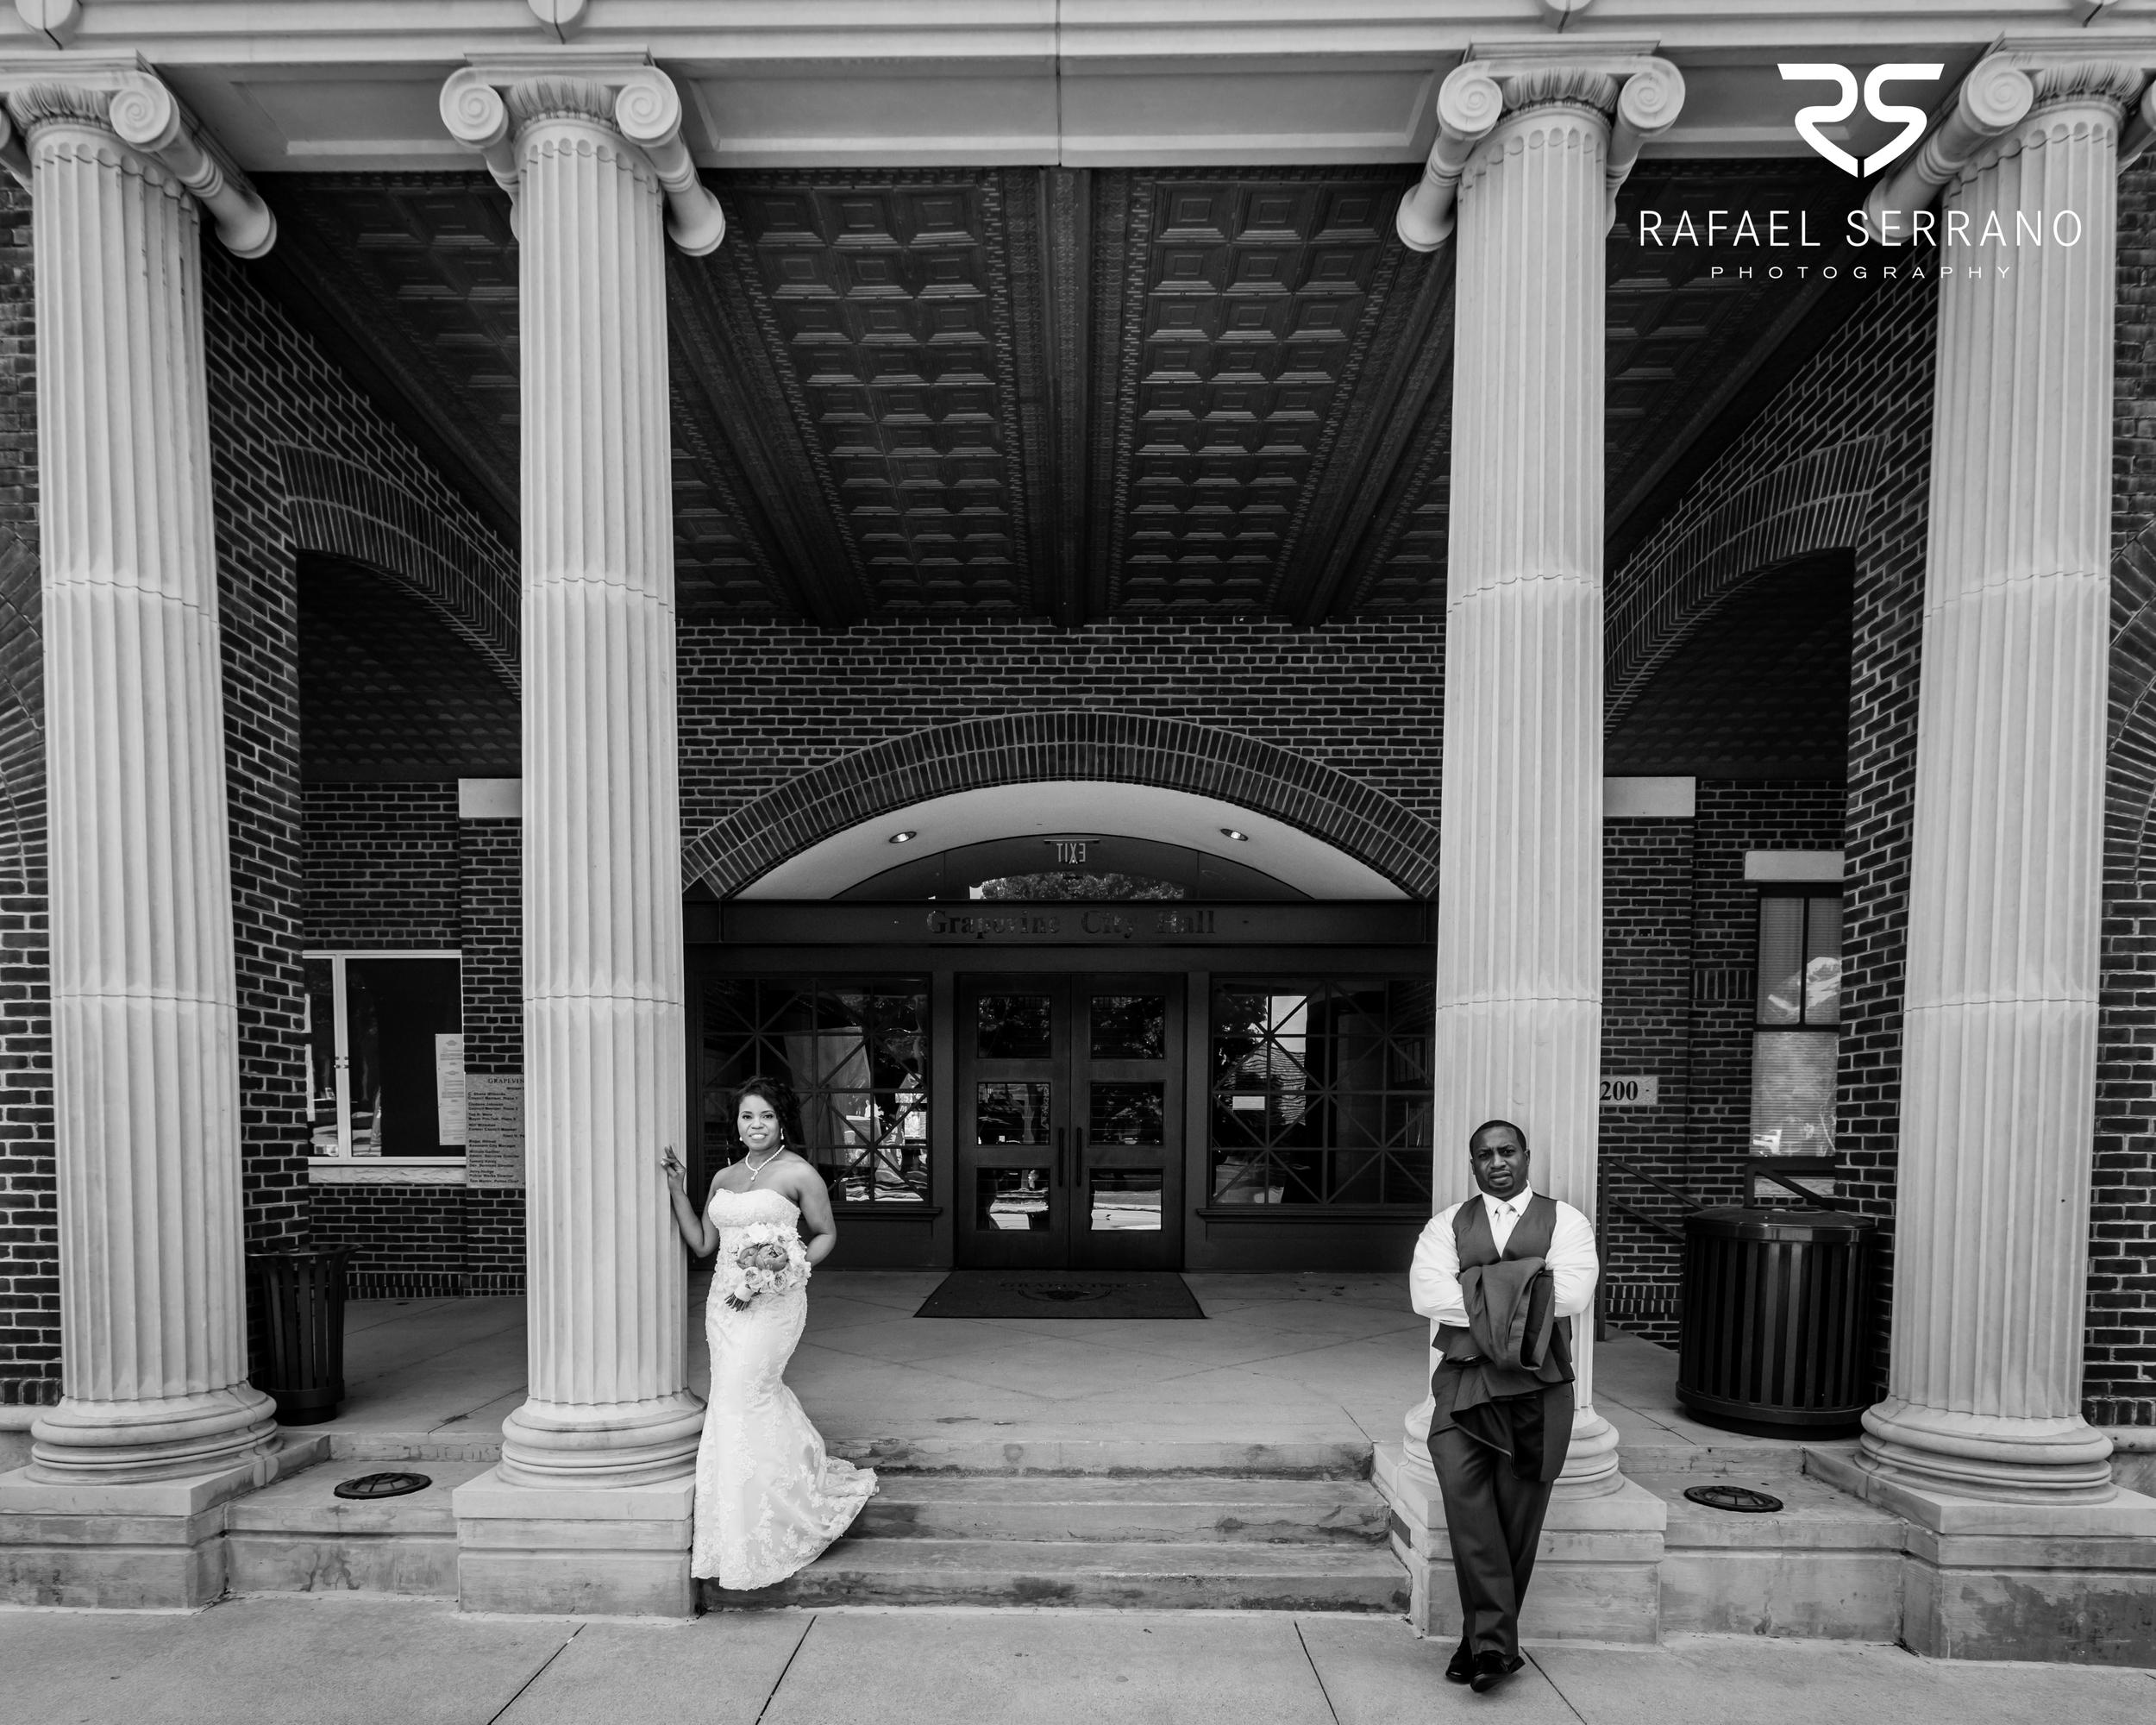 Piazzainthevillagewedding2016059.jpg